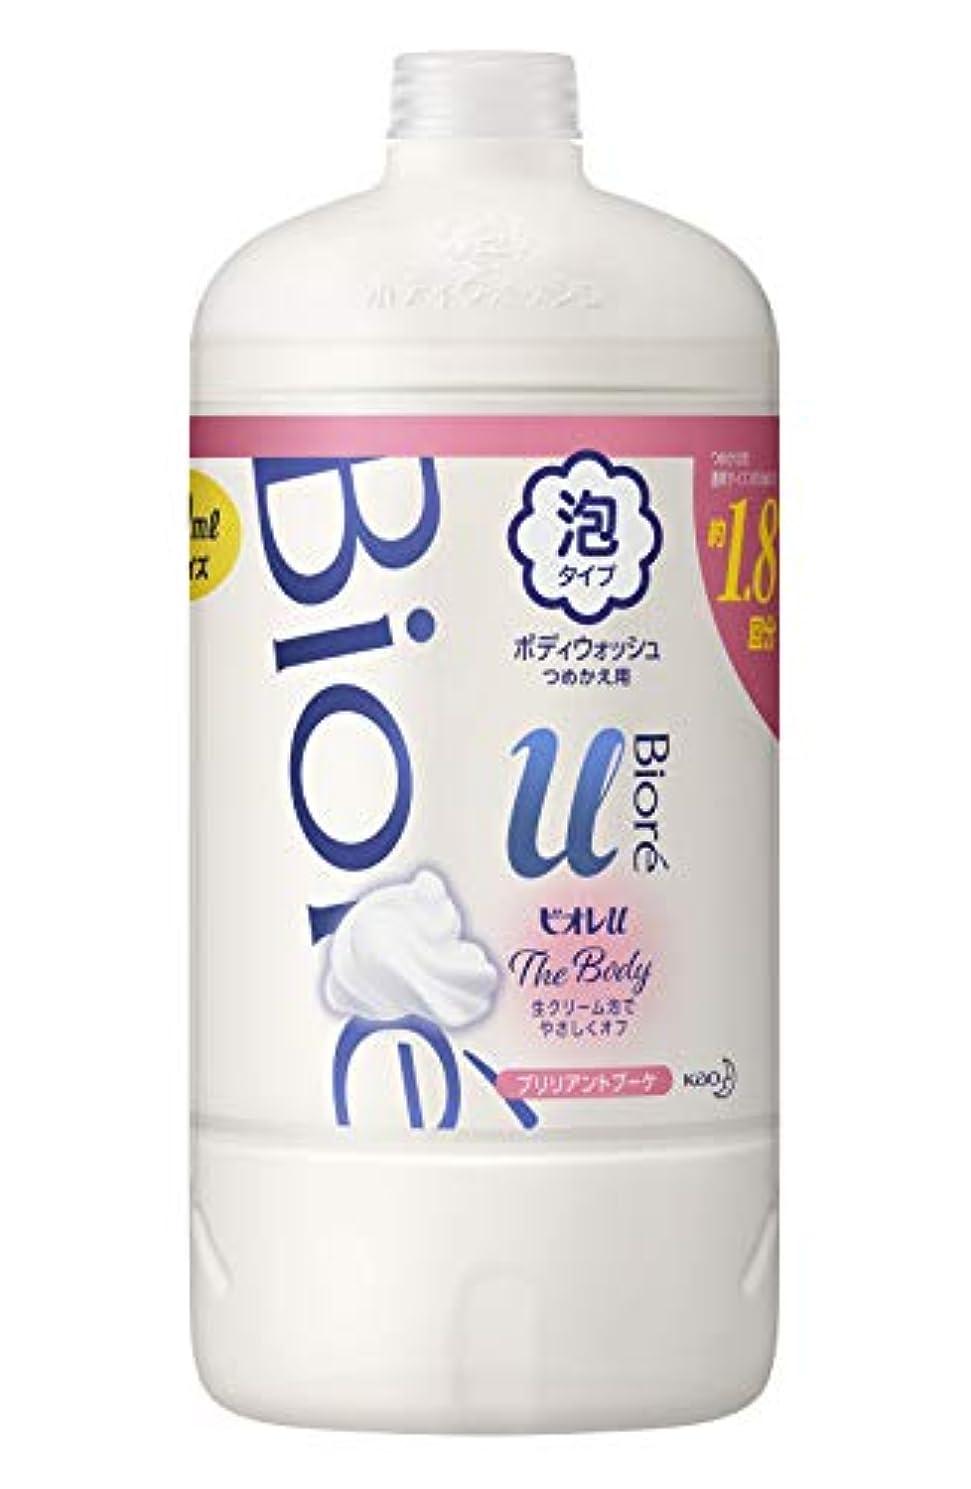 暖かく明確に裂け目【大容量】 ビオレu ザ ボディ 〔 The Body 〕 泡タイプ ブリリアントブーケの香り つめかえ用 800ml 「高潤滑処方の生クリーム泡」 ボディソープ 華やかなブリリアントブーケの香り